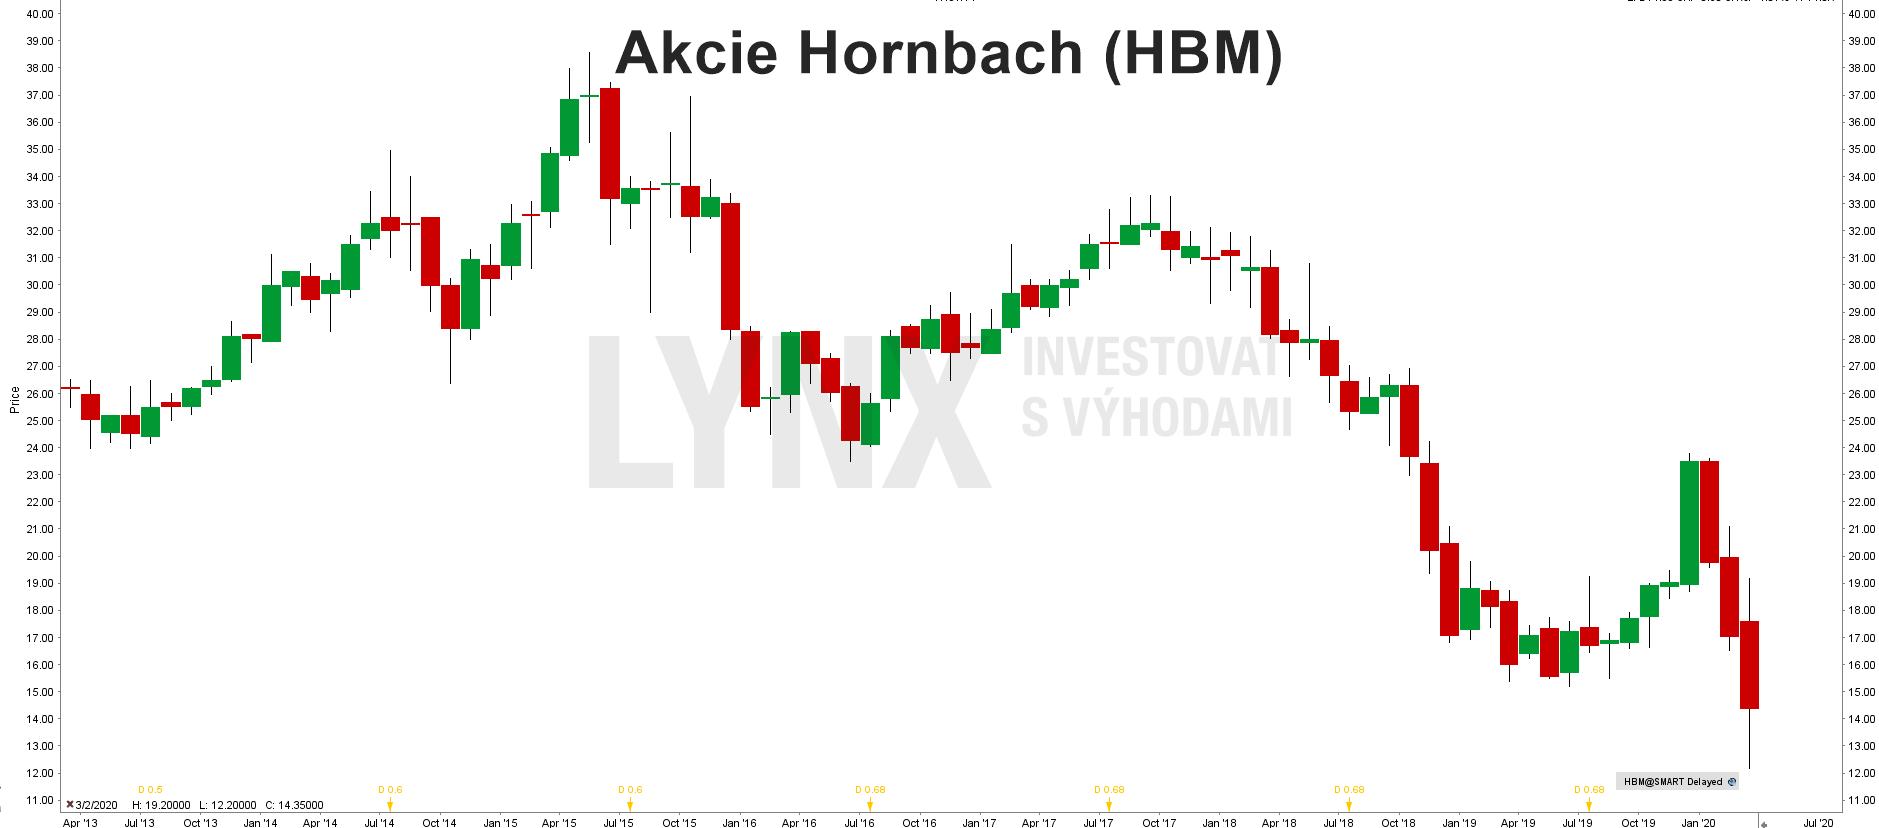 Akcie Hornbach (HBM)